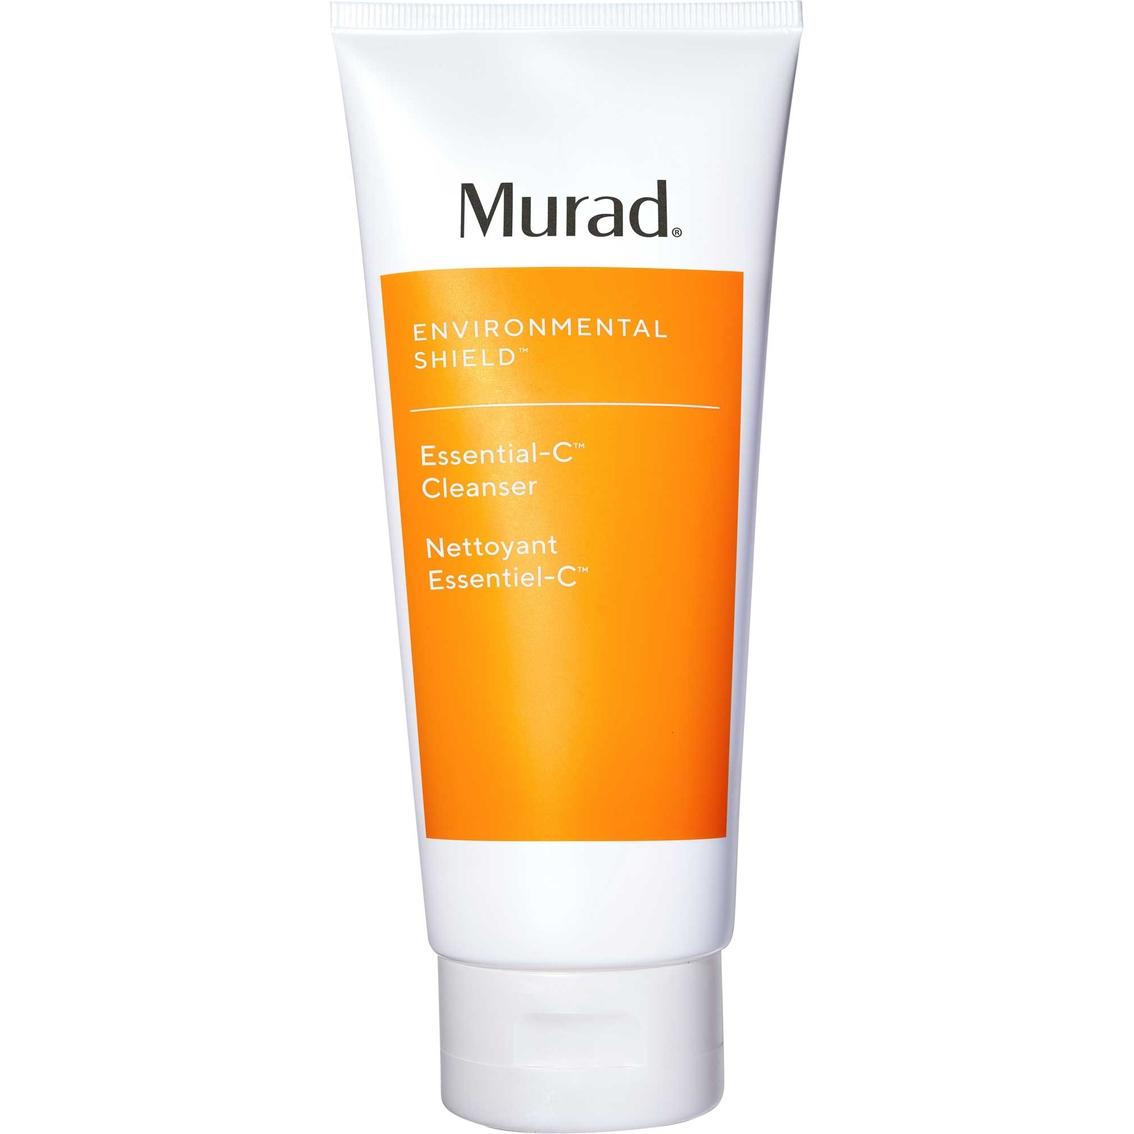 Αποτέλεσμα εικόνας για essential c cleanser murad